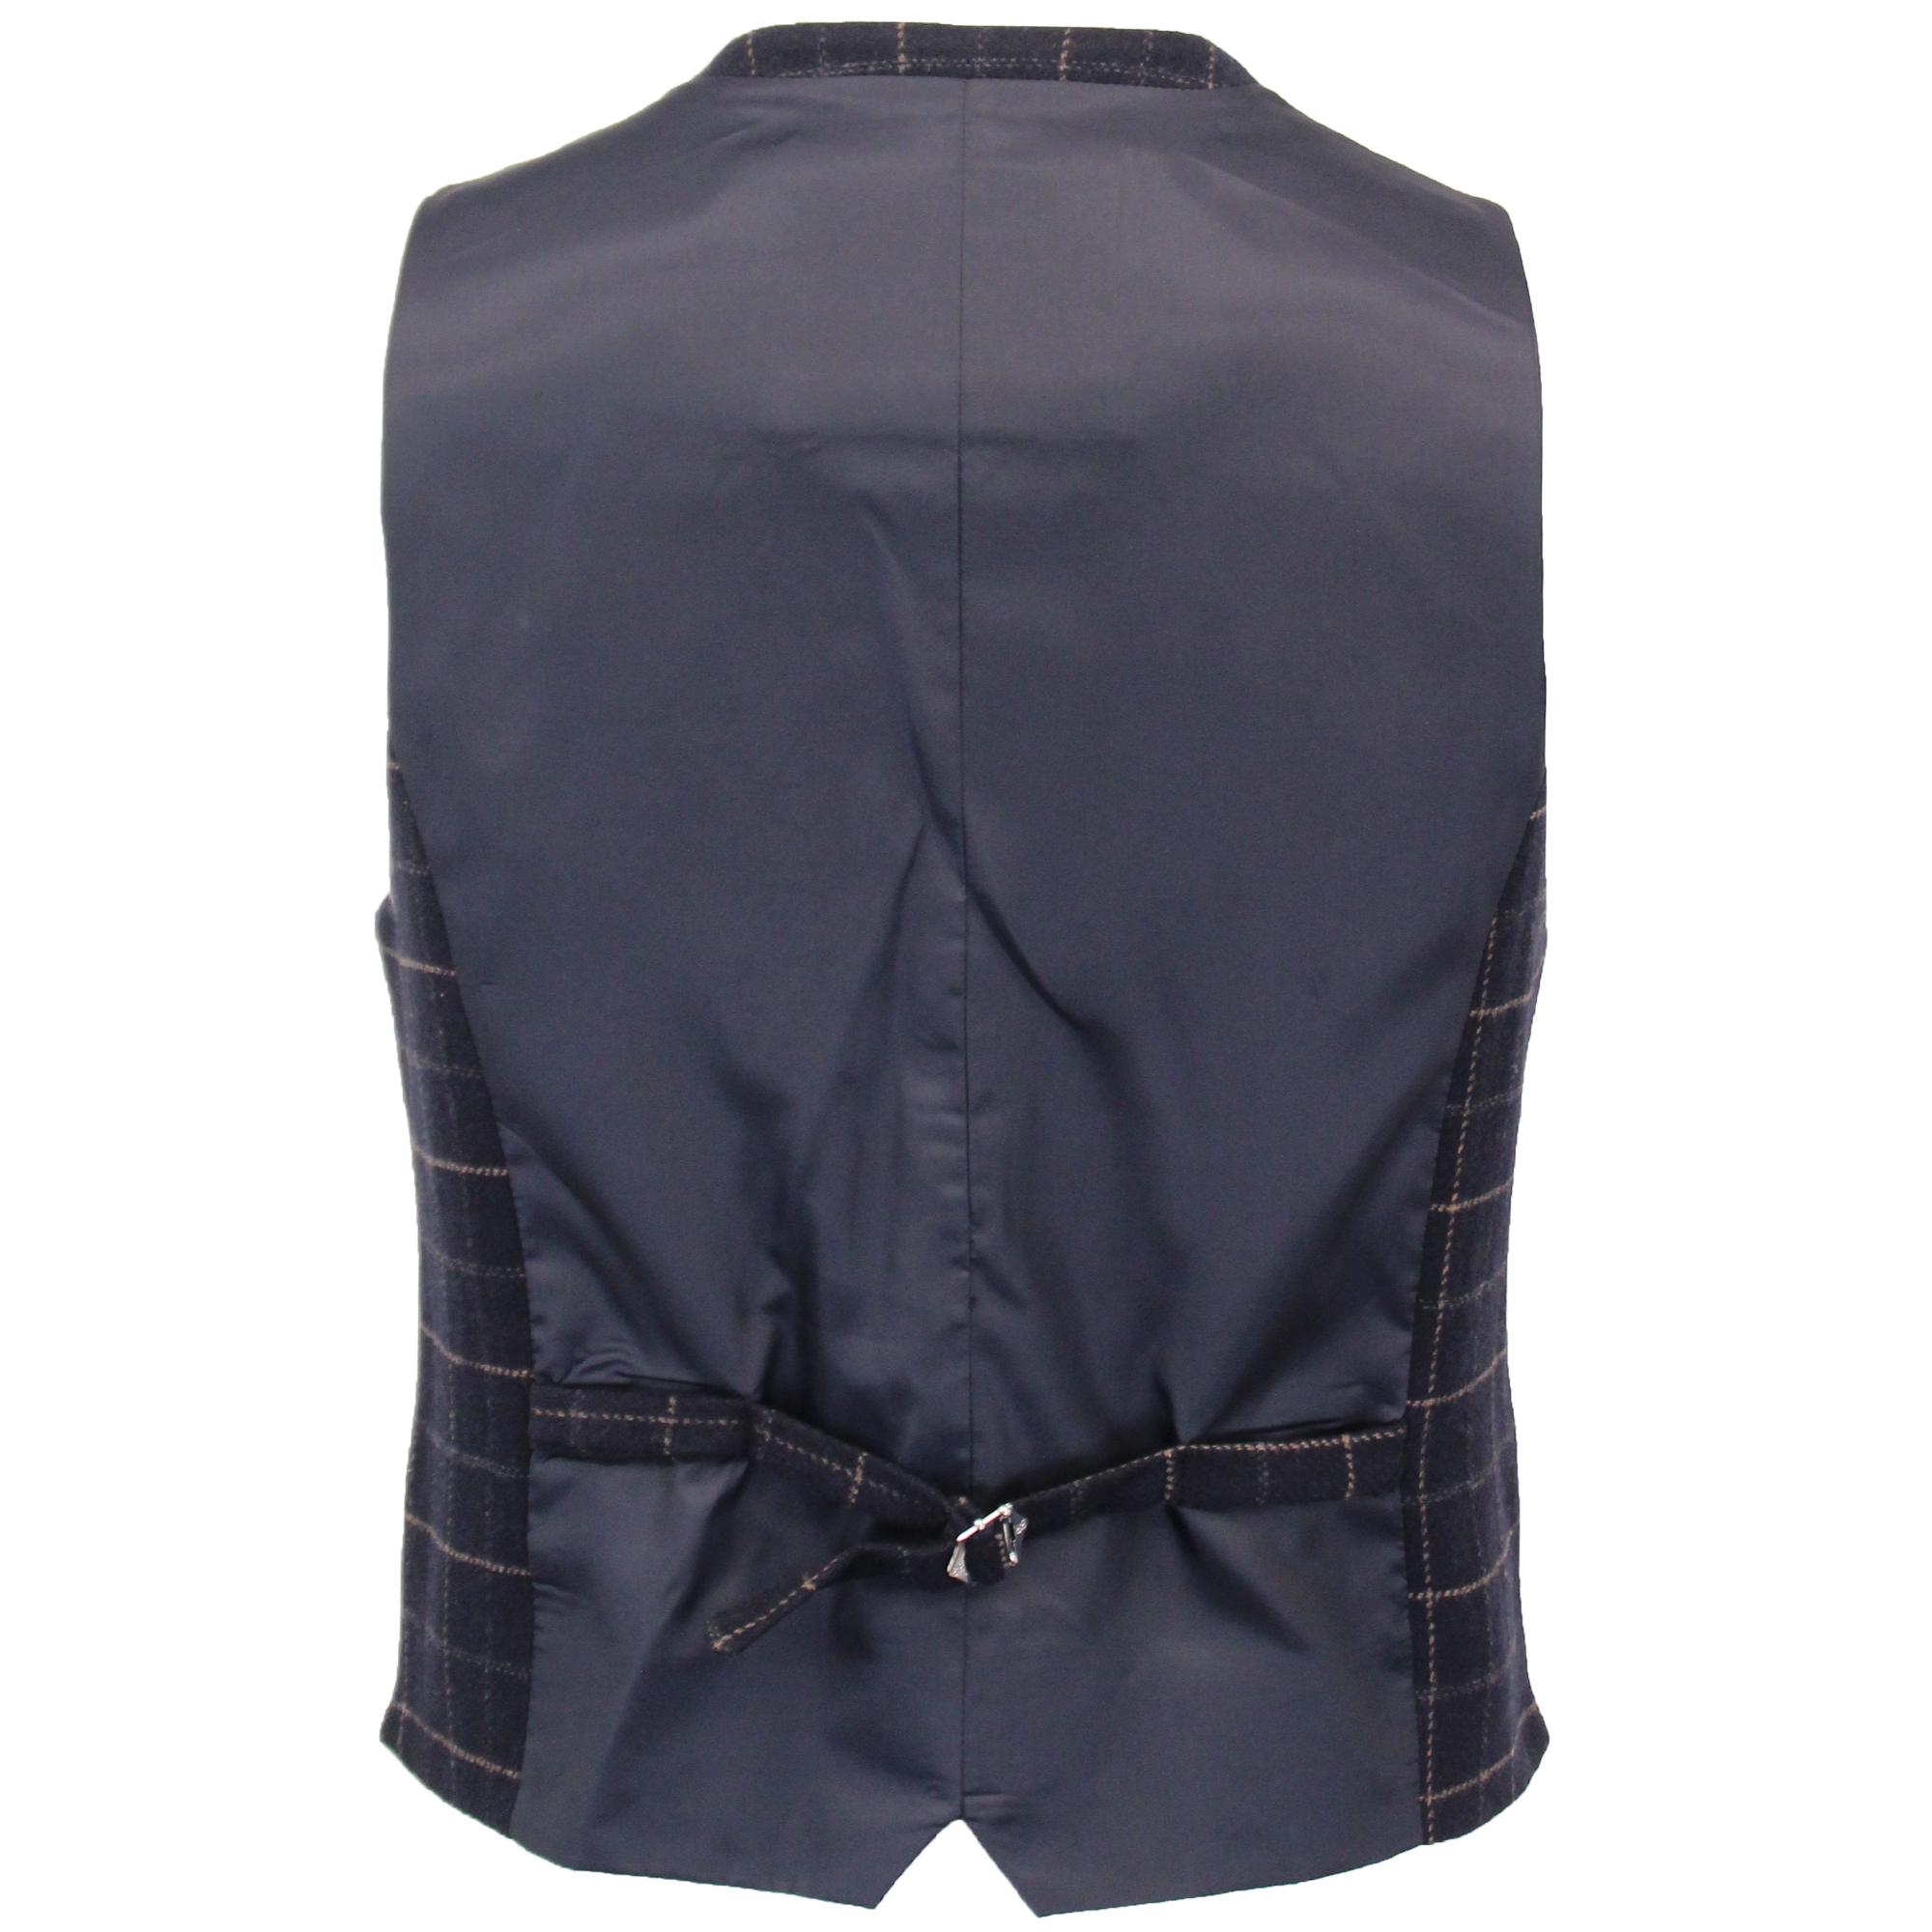 MIX di lana da uomo 3 PEZZI in Tweed Suit TRASMISSIONE controllato in pelle scamosciata Shelby NUOVO